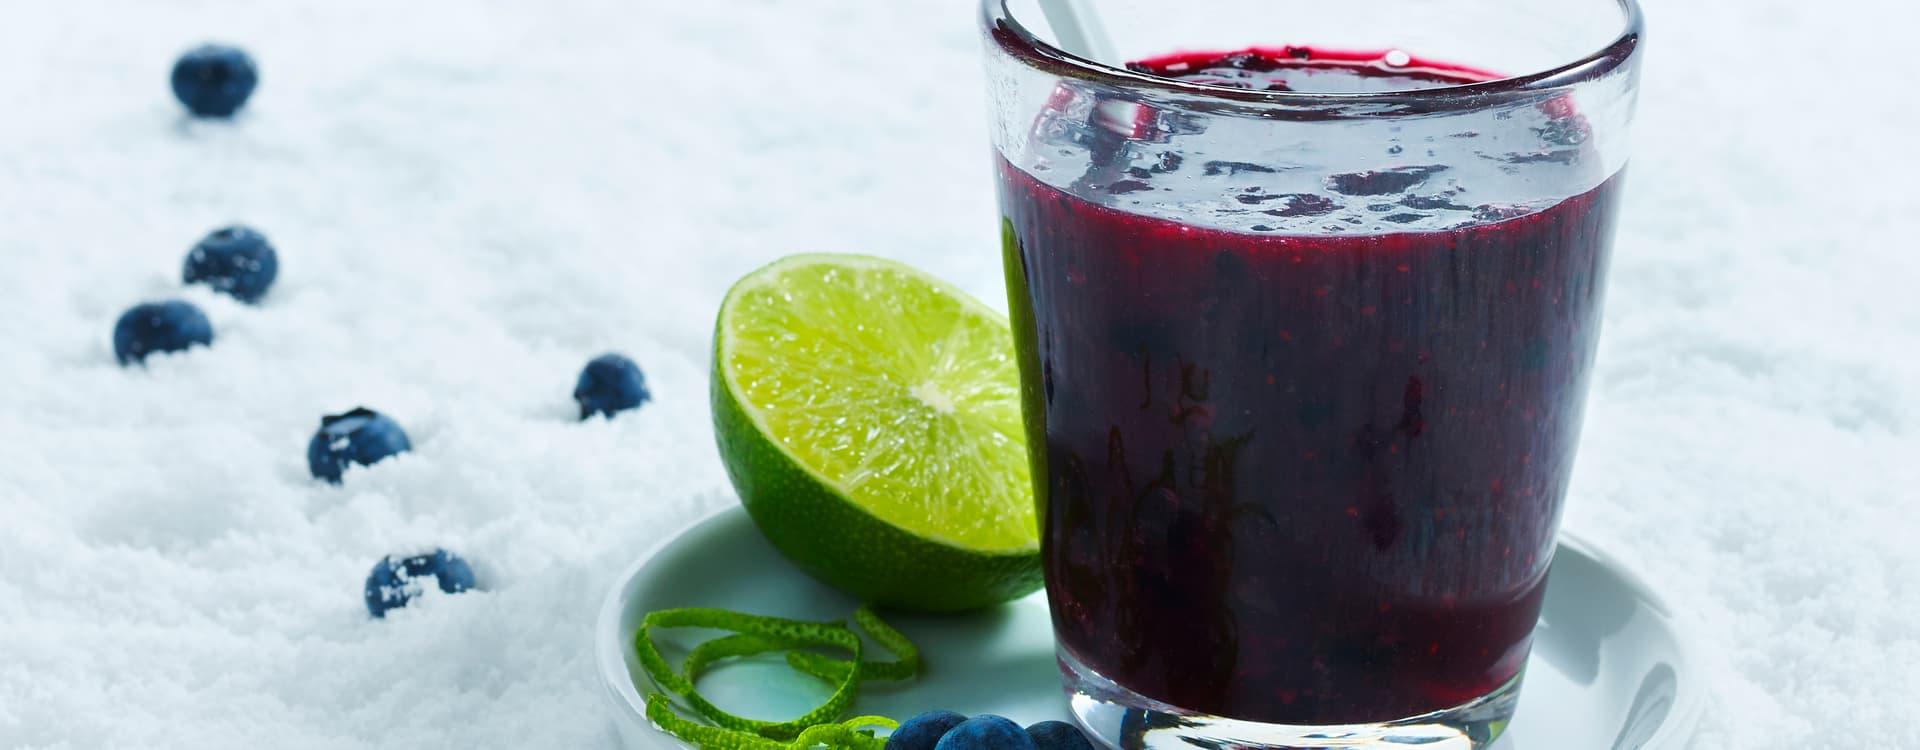 Blåbærsuppe med limeskall